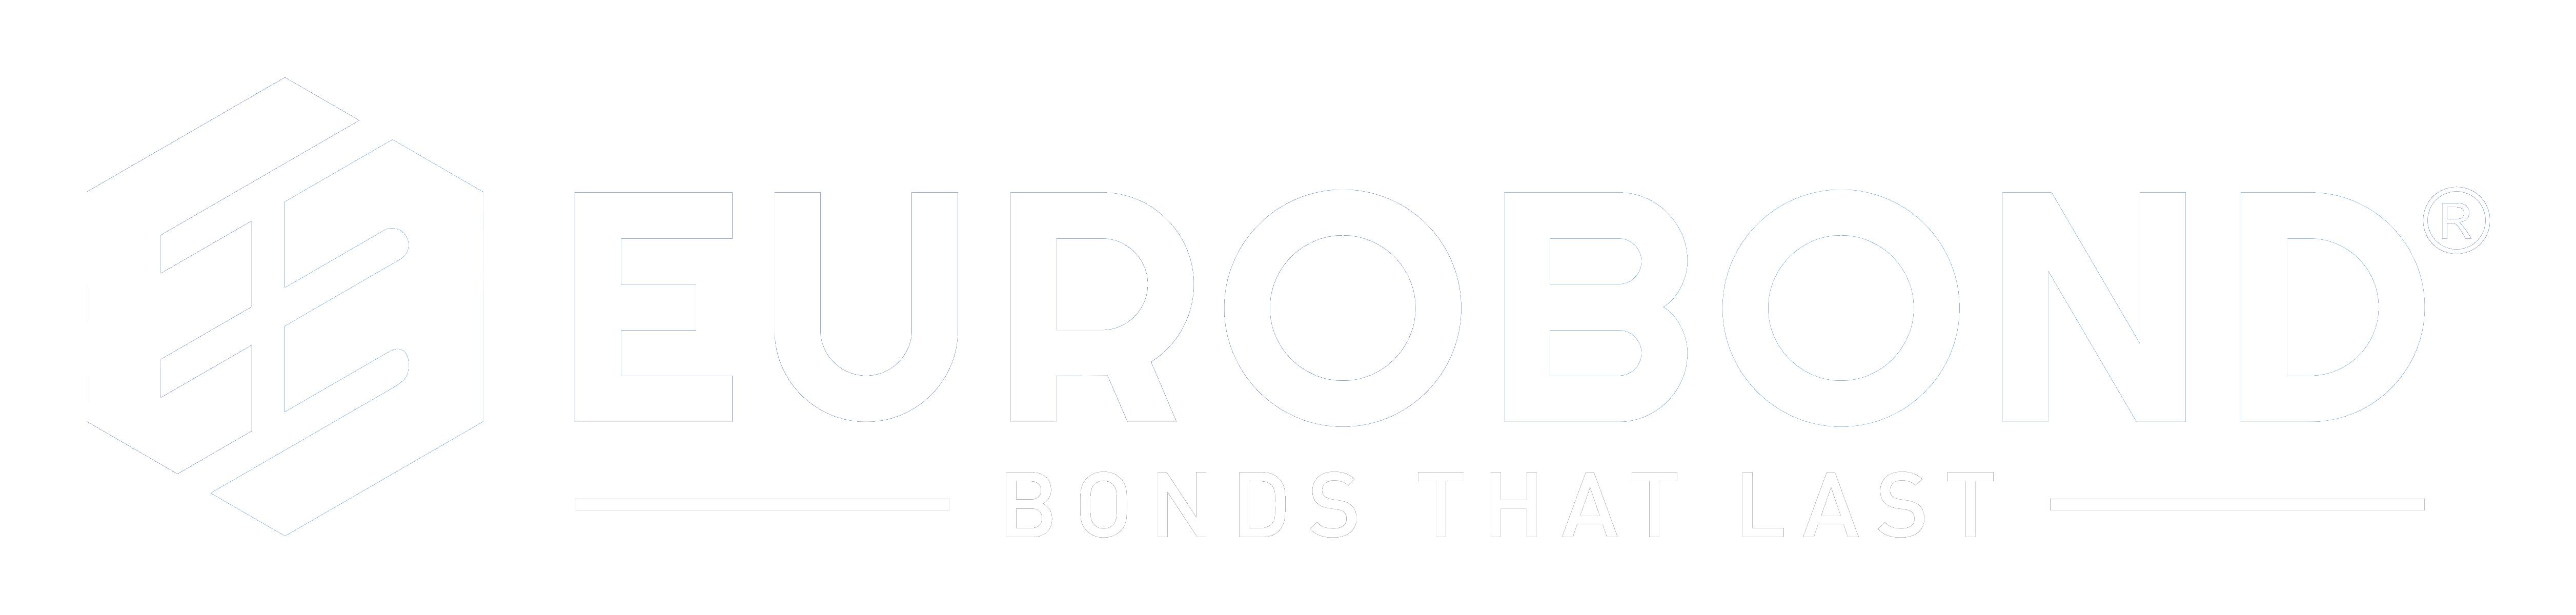 Eurobondacp